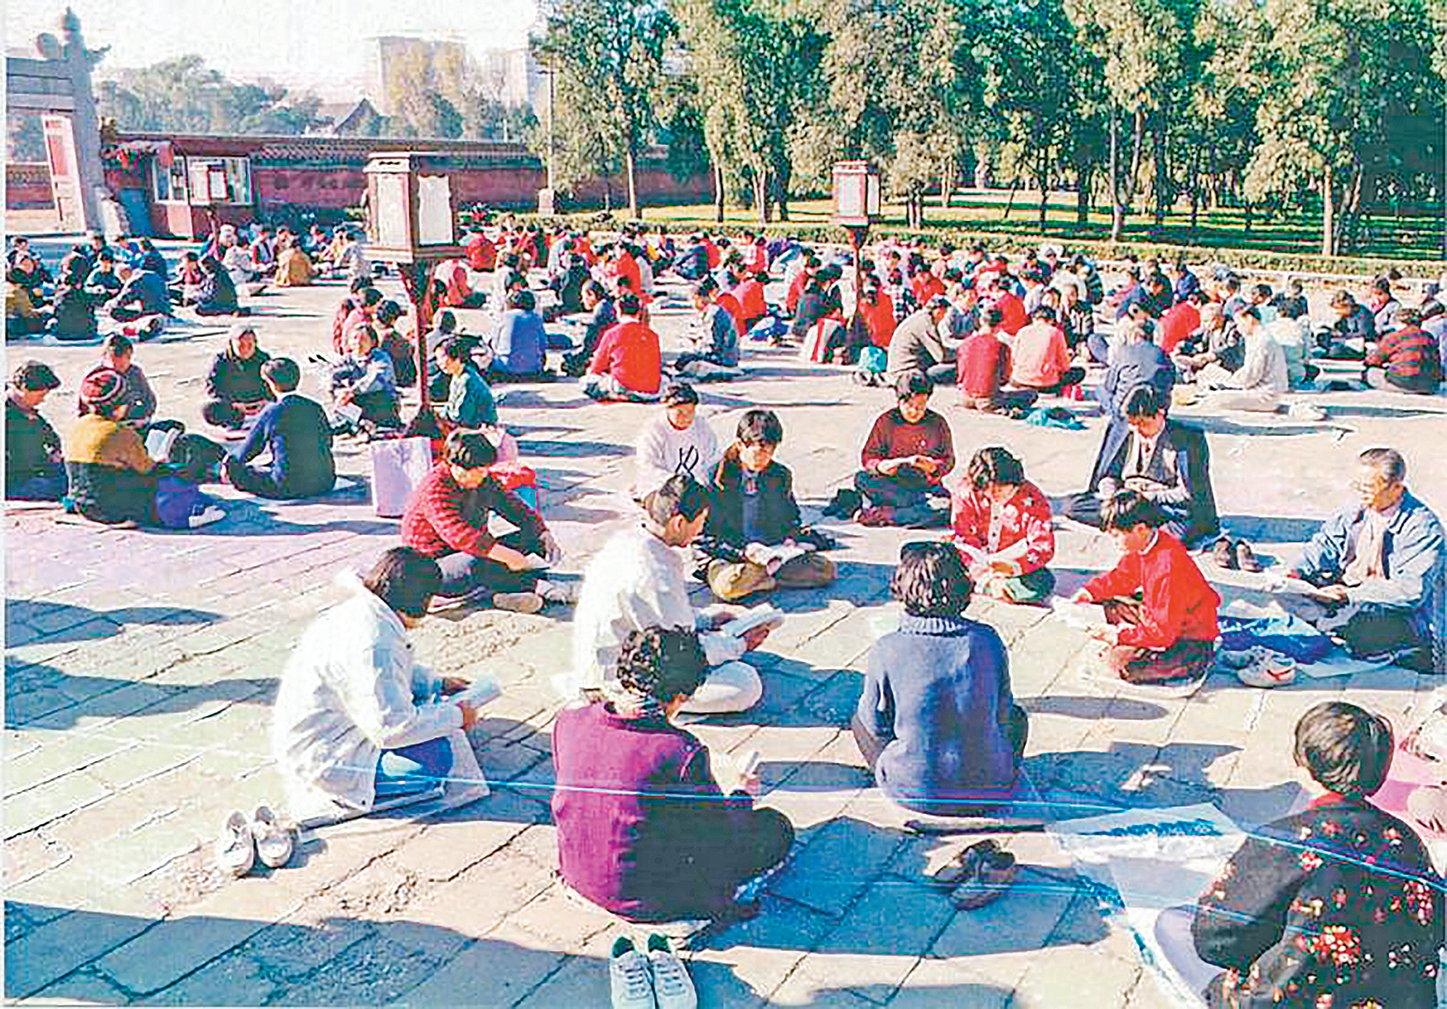 1999年7月以前,中國境內,就有一億人在煉法輪功。圖為1999年7月以前某天,法輪功學員們在北京天壇公園集體學法。(明慧網)